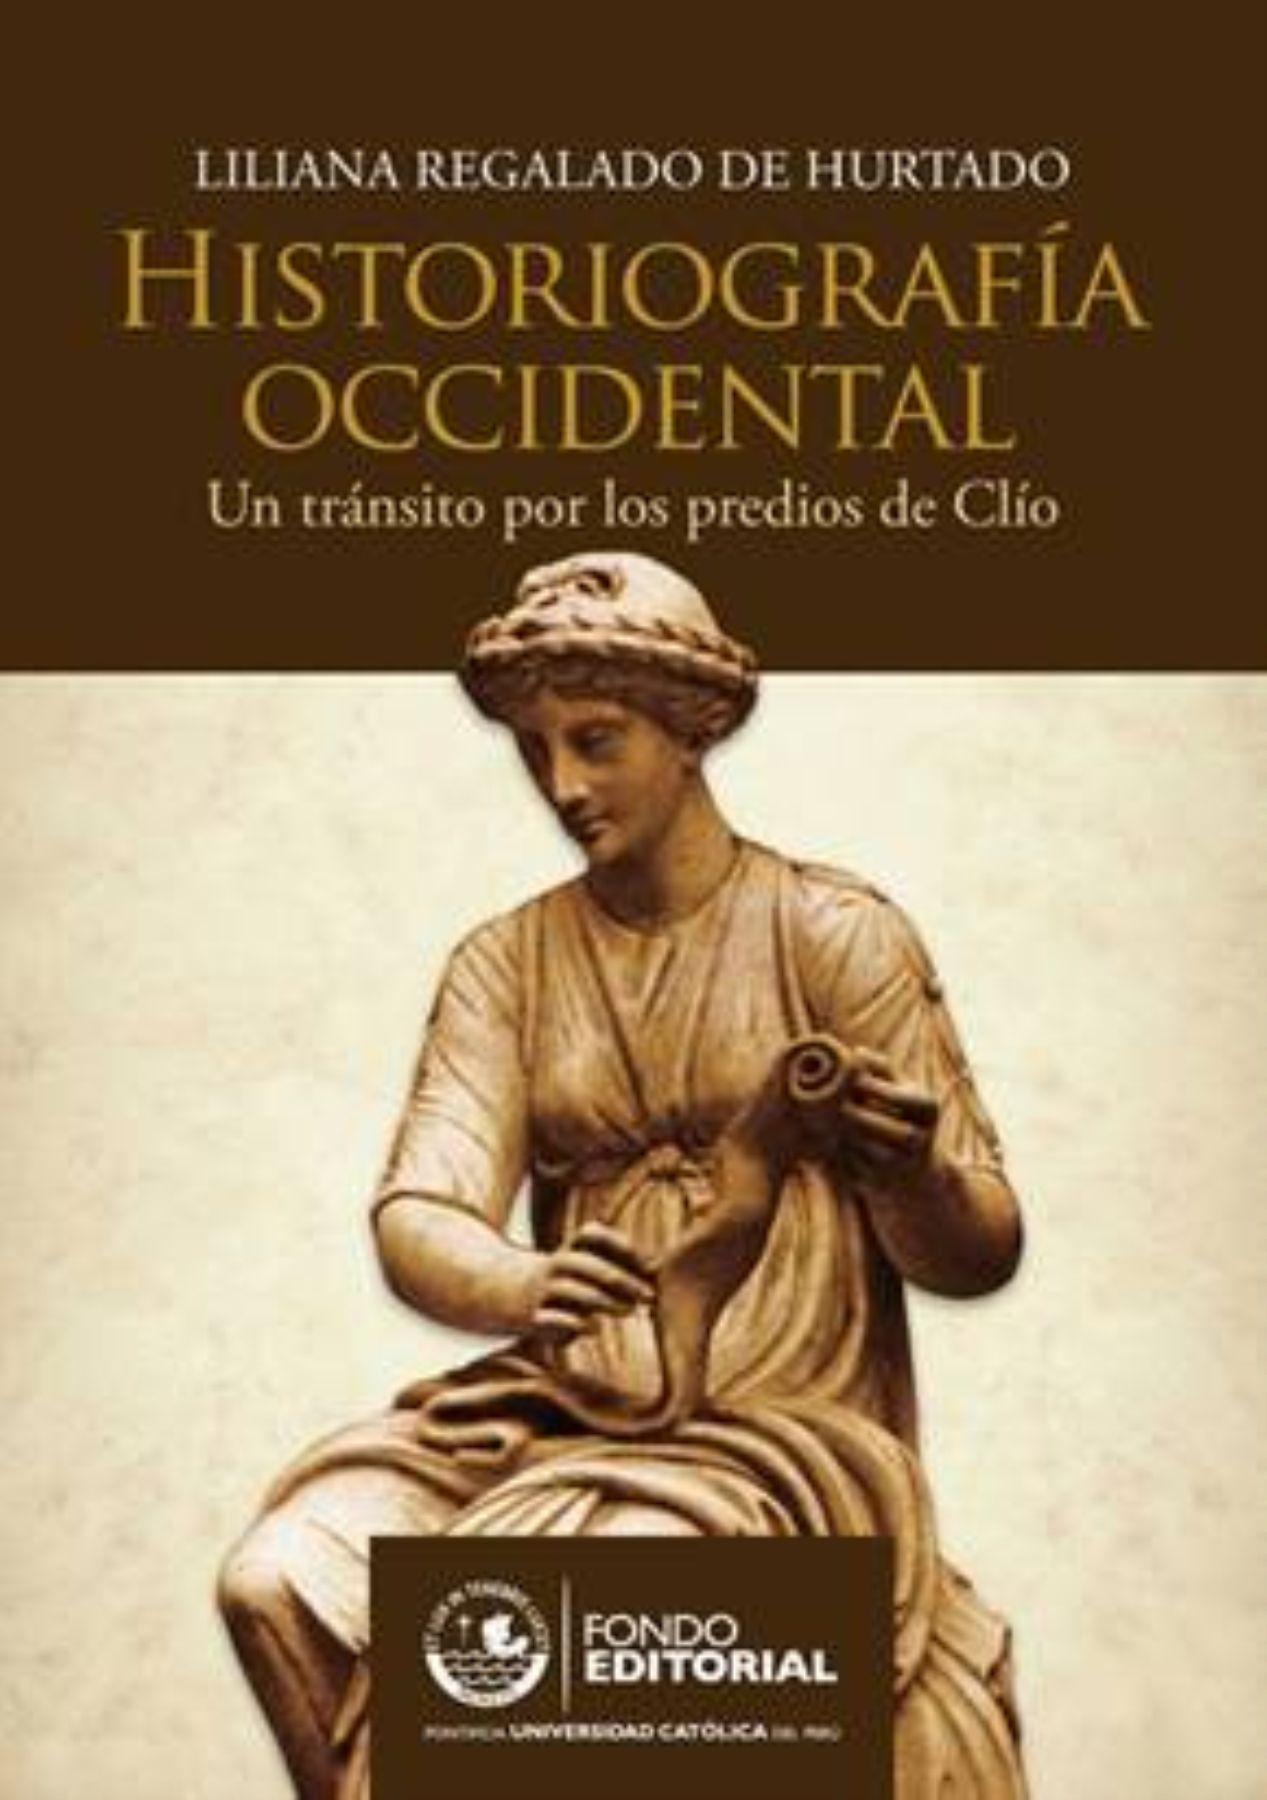 """El libro """"Historiografía occidental. Un tránsito por los predios de Clío"""", de la investigadora Liliana Regalado. Foto: ANDINA/archivo."""